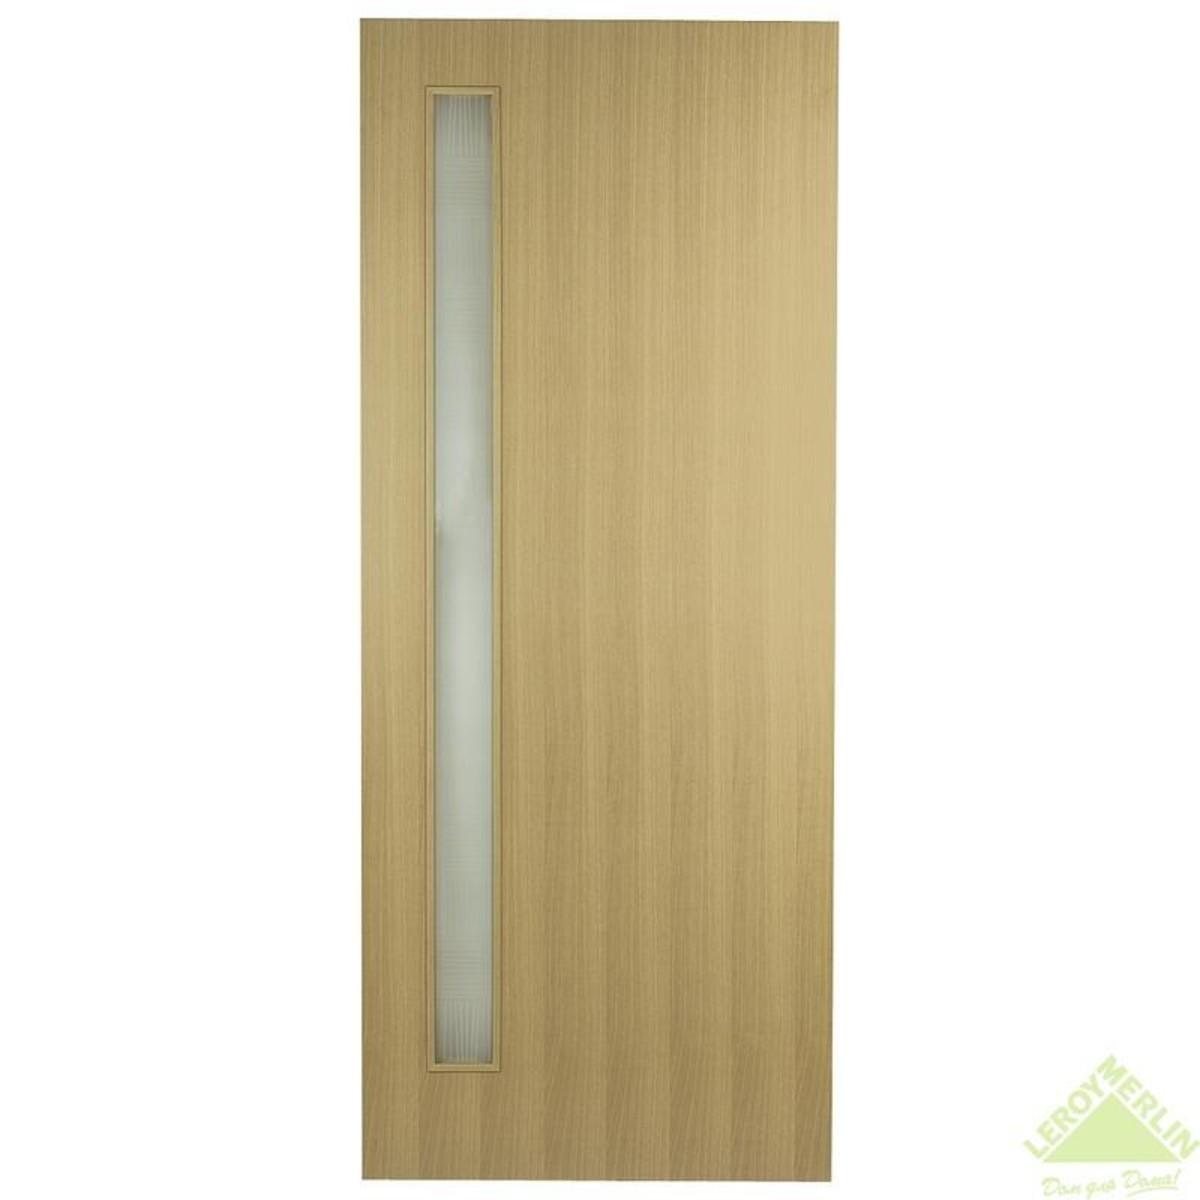 Дверь межкомнатная остеклённая Vario 601 MR 600x2000 мм орех нуга